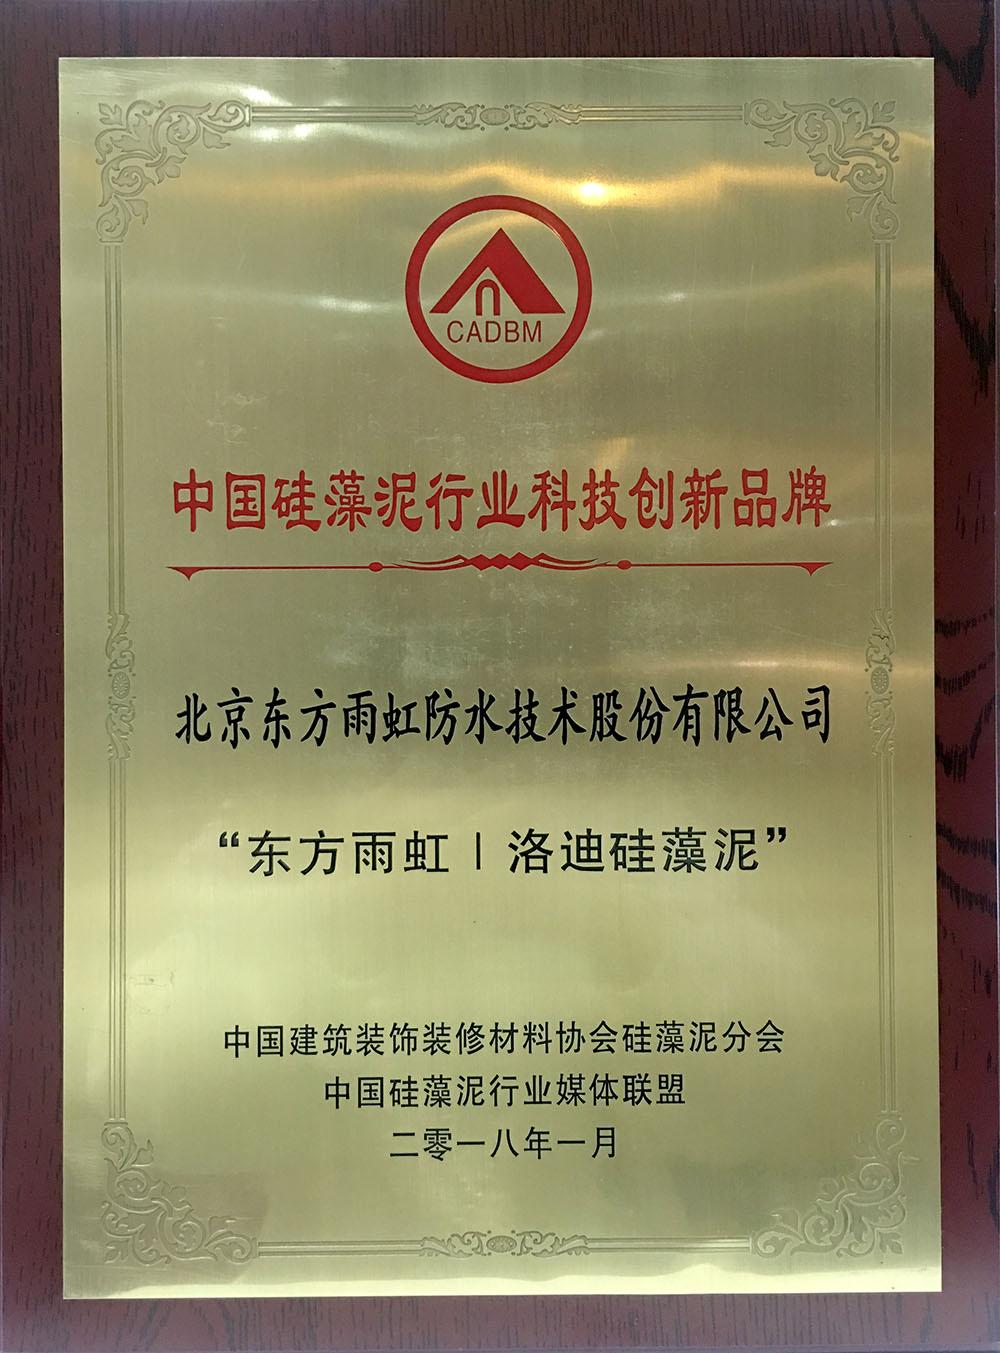 中国硅藻泥行业科技创新品牌